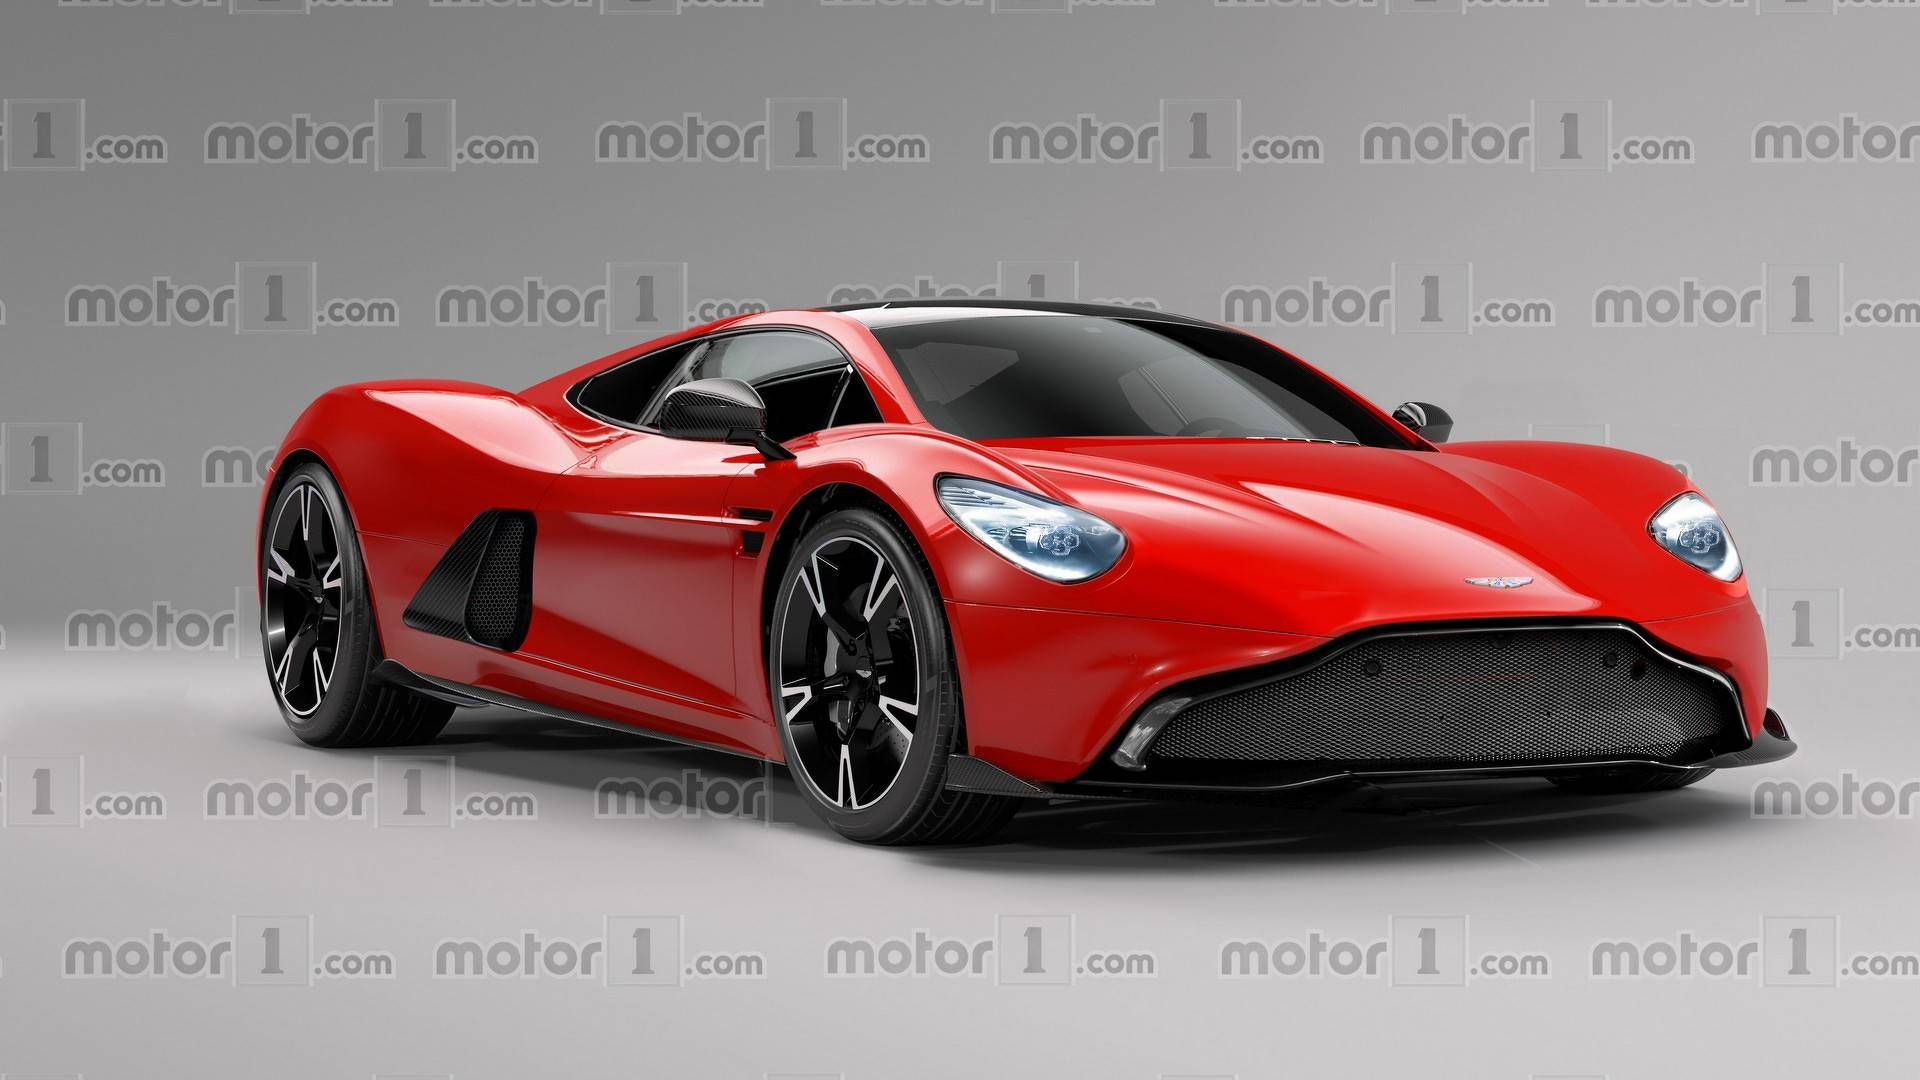 Superbe Motor1.com